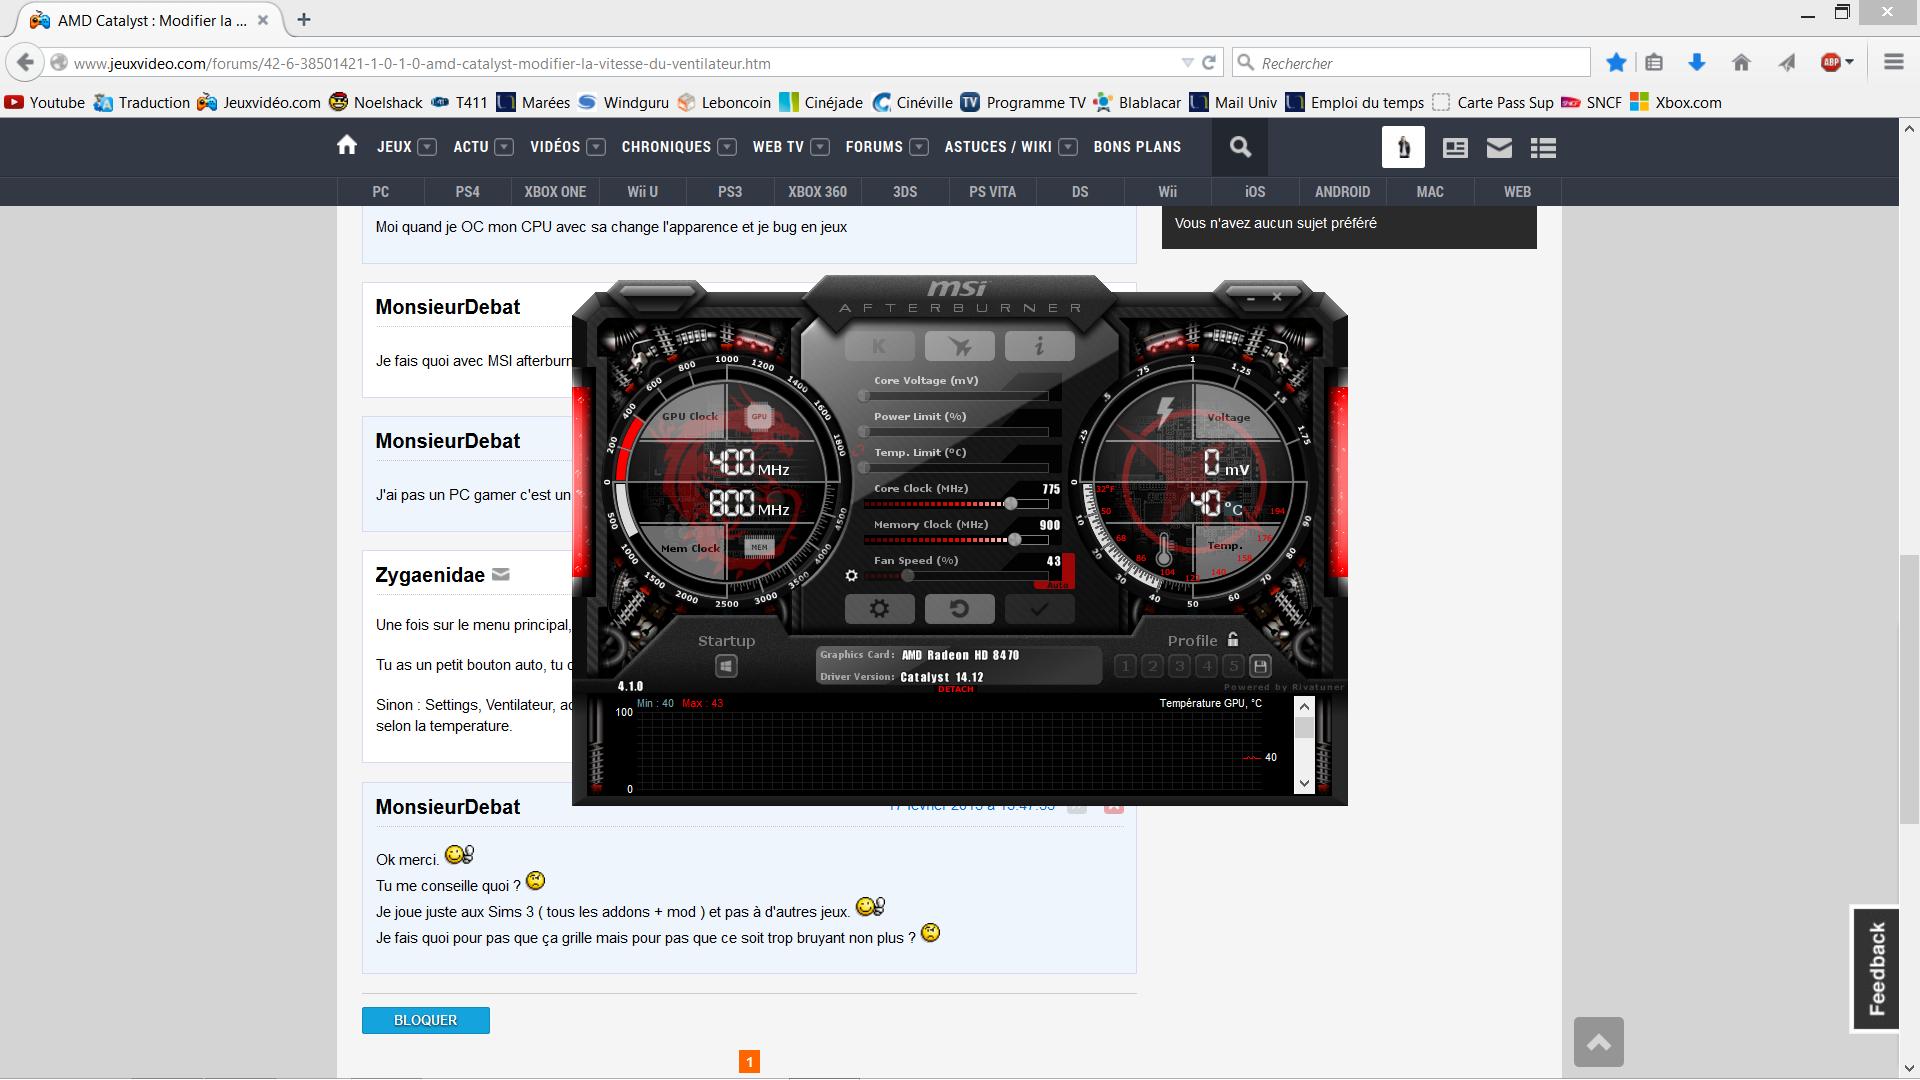 HD TÉLÉCHARGER 6400M PILOTE SERIES GRAPHIQUE AMD RADEON CARTE